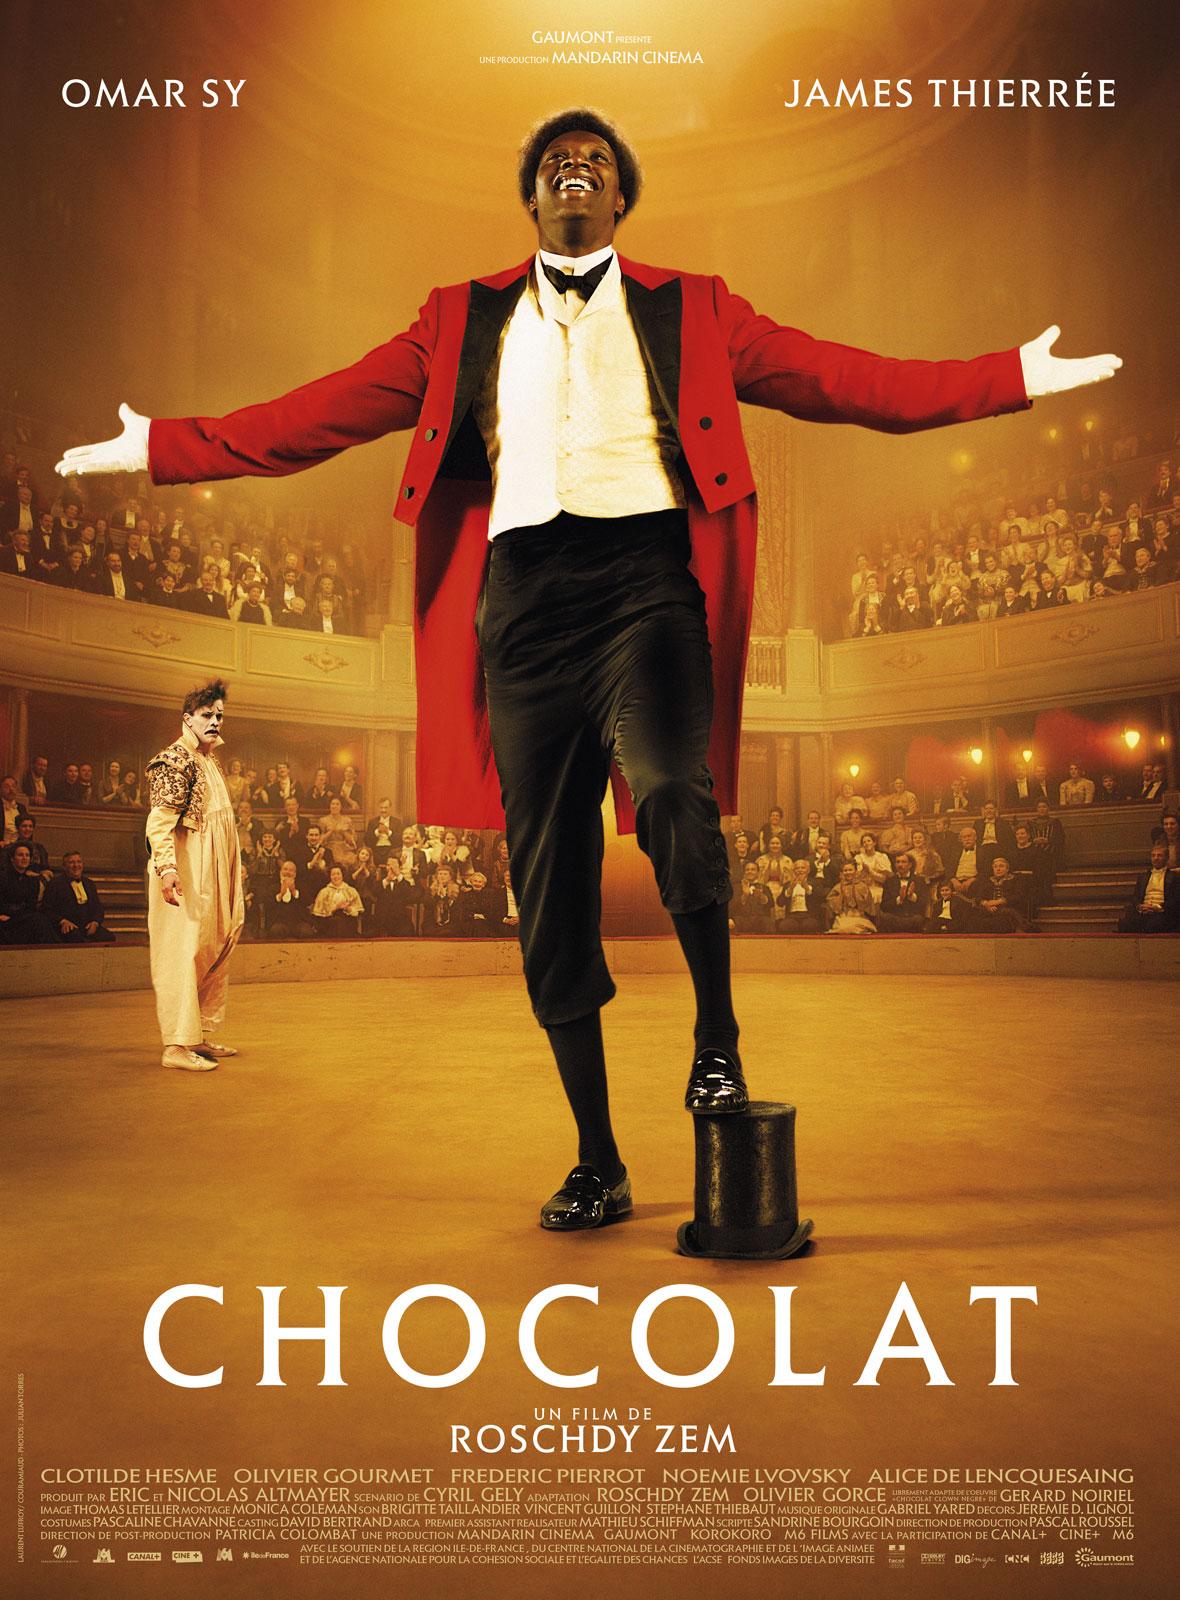 Chocolat ddl